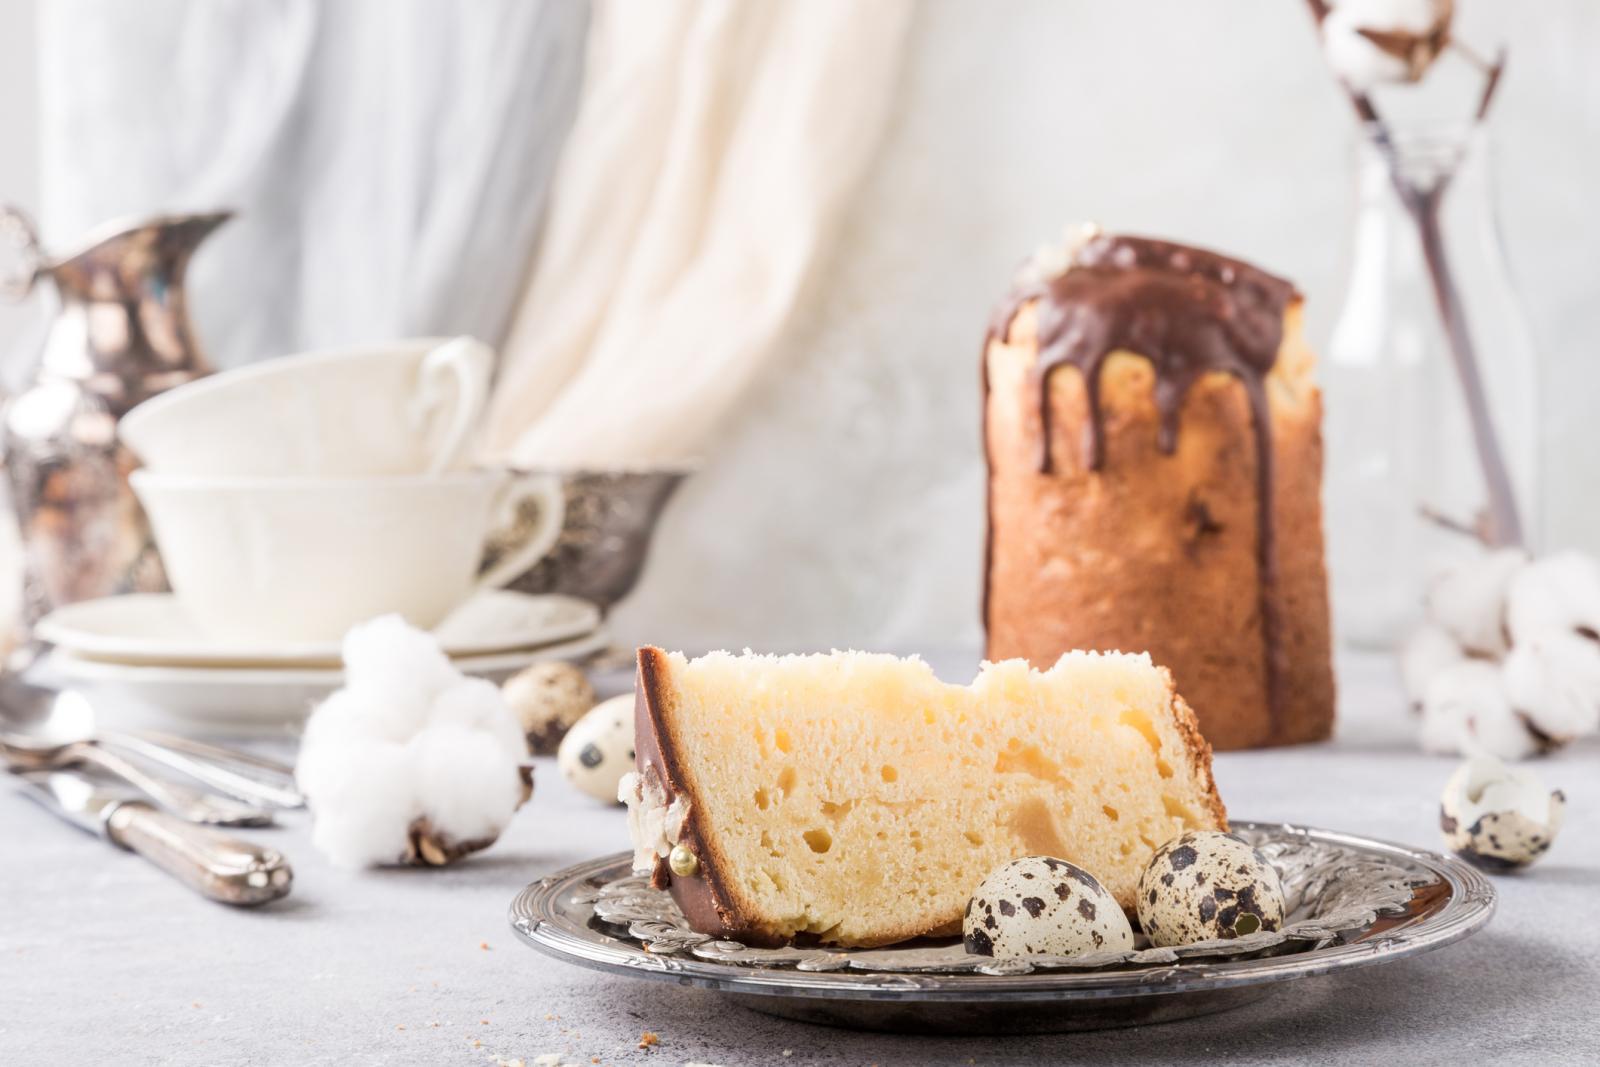 Ako niste vični u pečenju pince, uvijek možete kupiti tradicionalni talijanski kolač panettone koji se osim za Božić servira i za Uskrs.